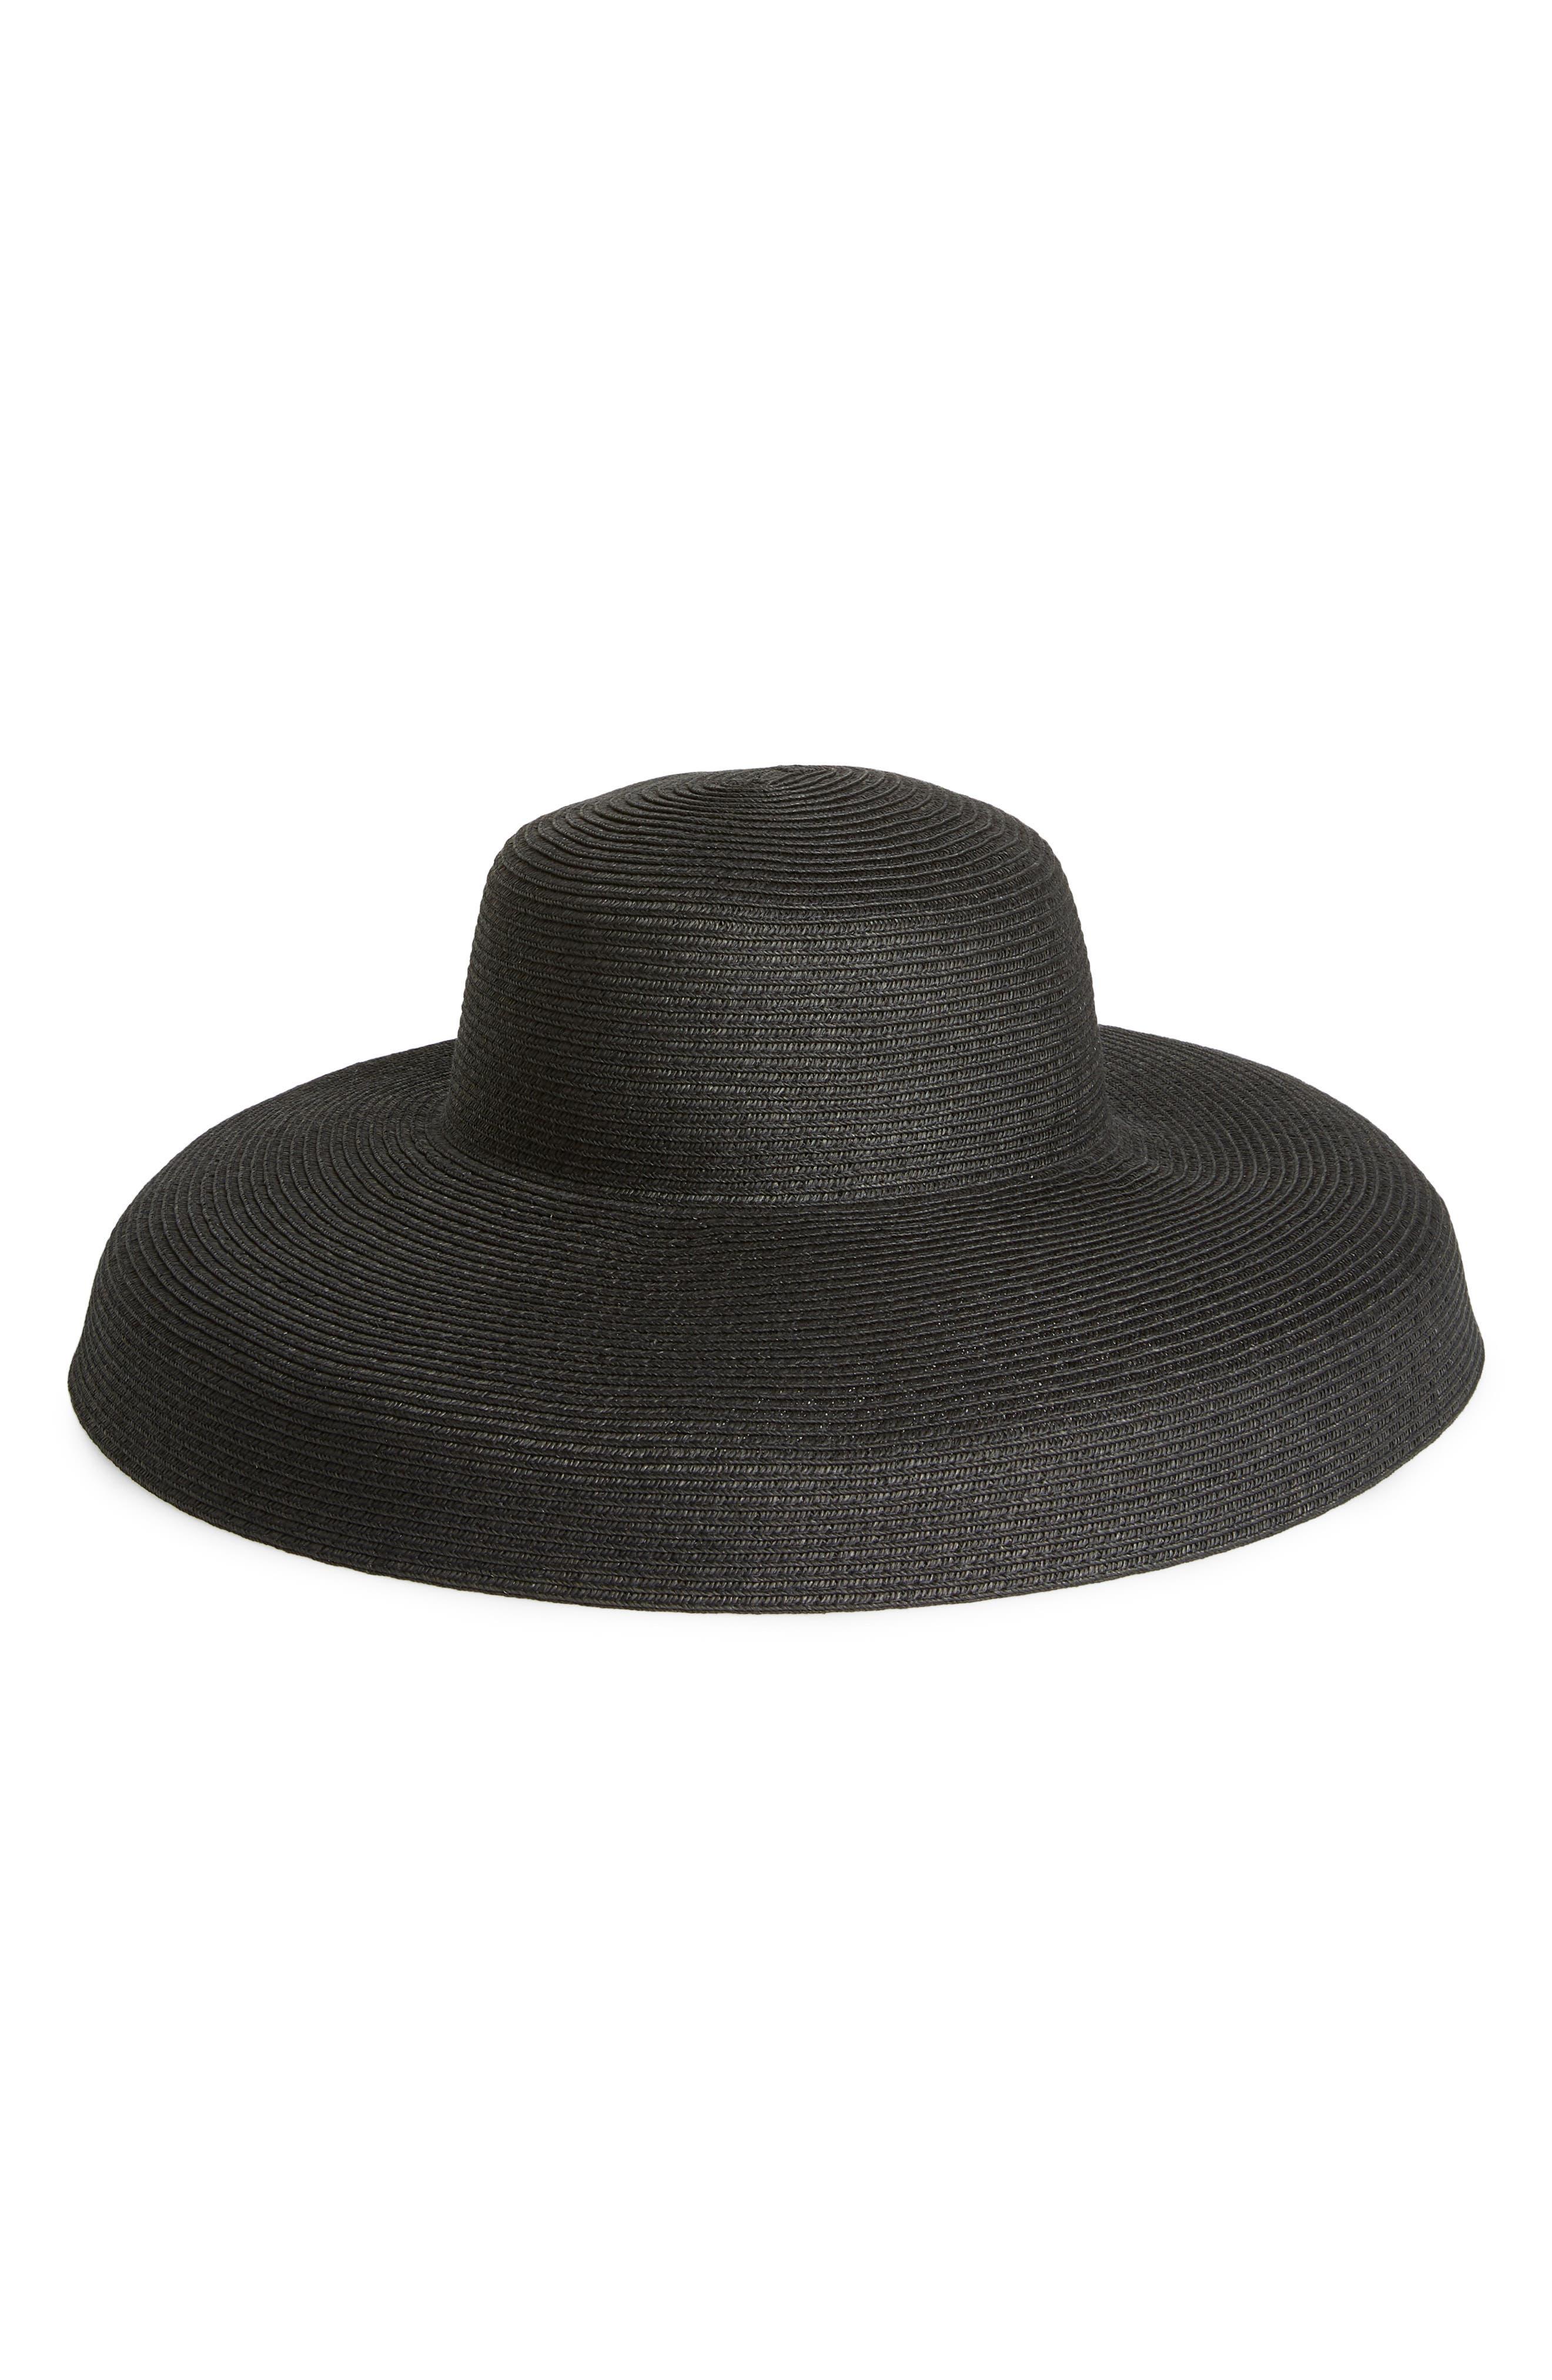 SAN DIEGO HAT Ultrabraid XL Brim Hat, Main, color, BLACK